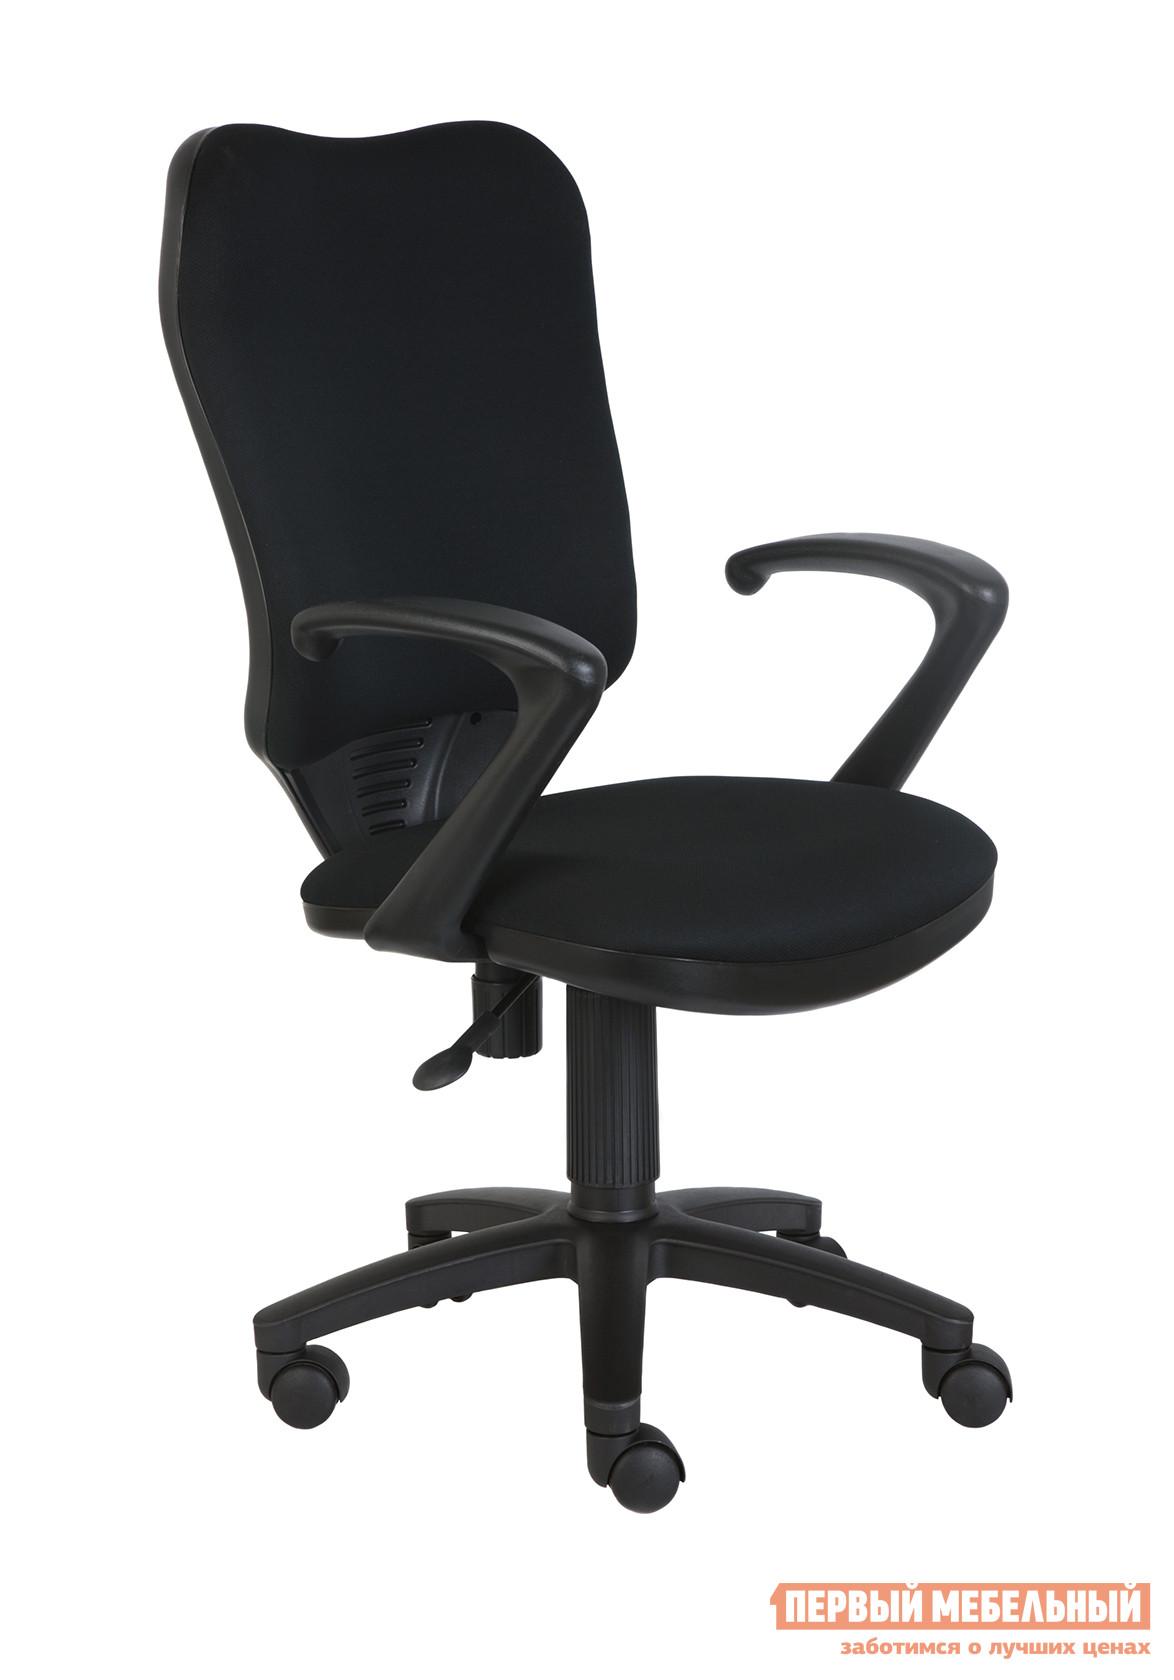 Офисное кресло  CH-540AXSN 26-28 черный